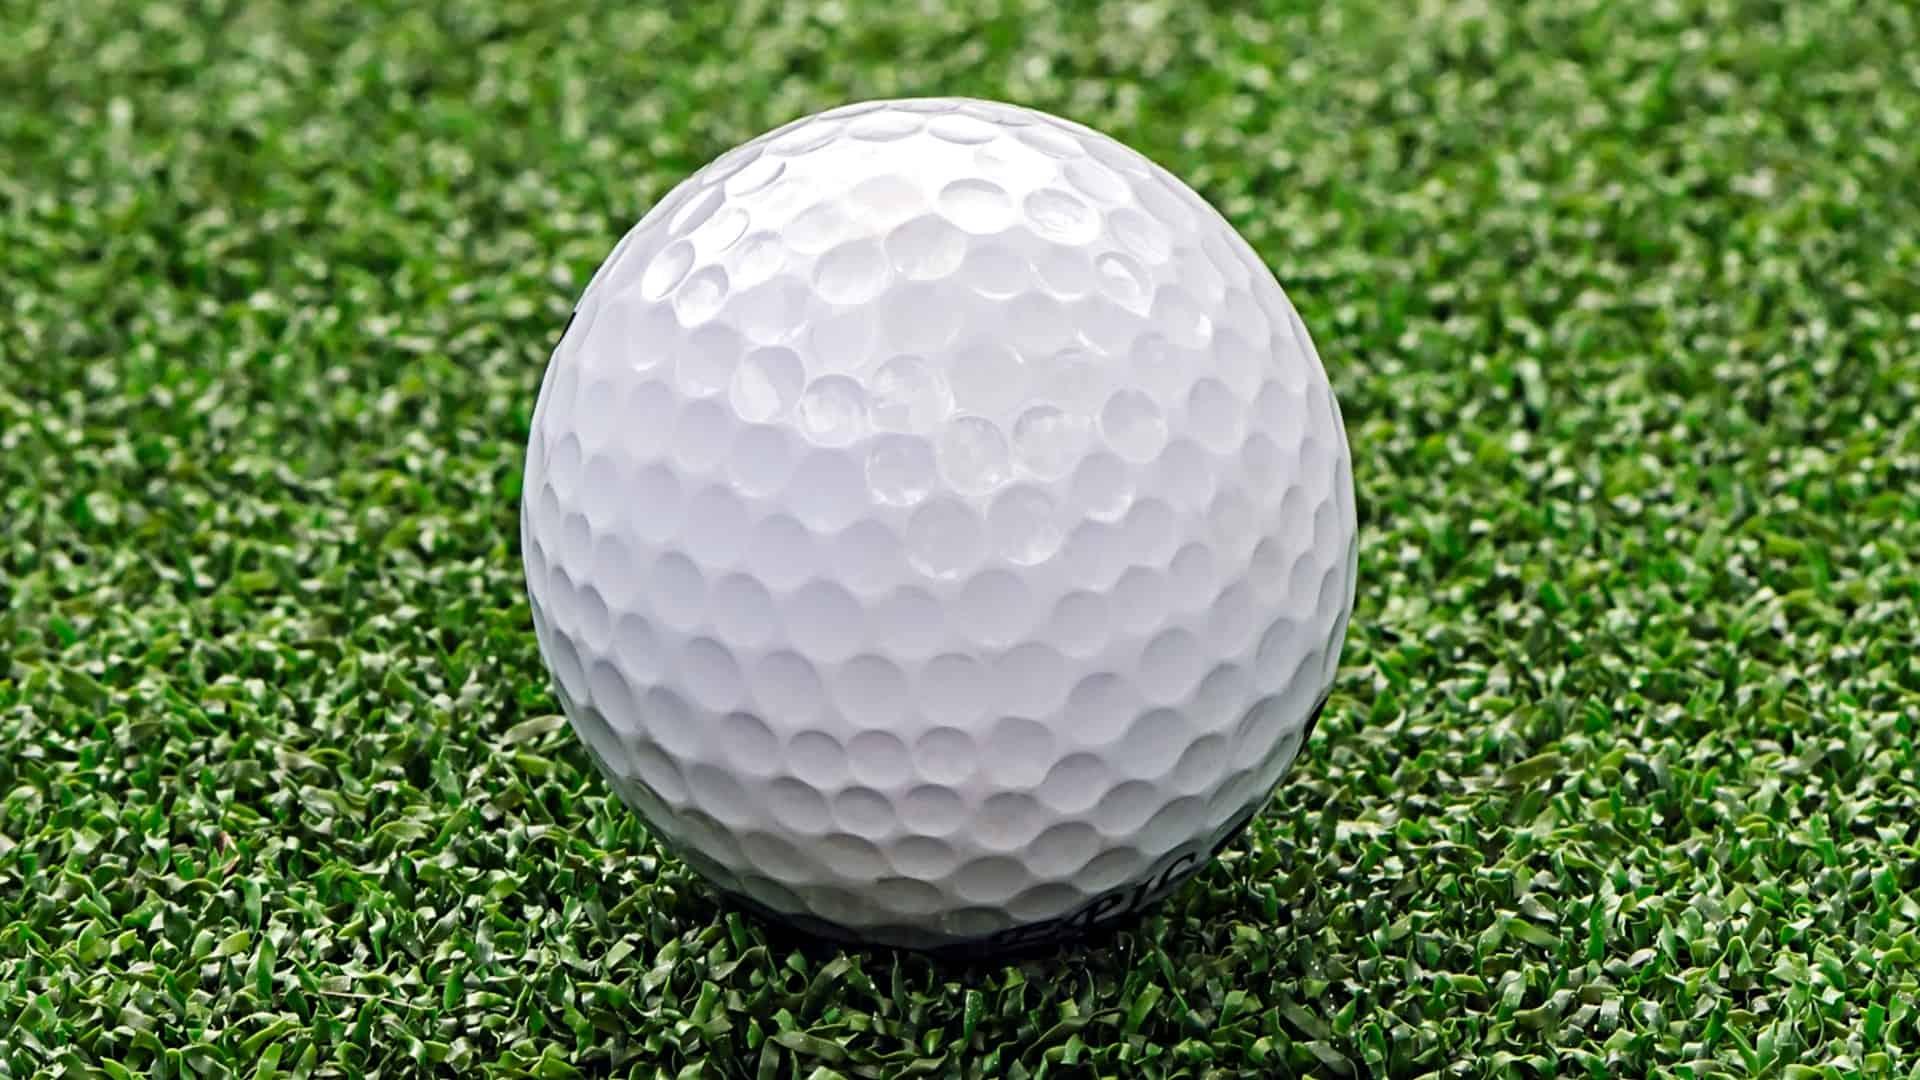 Bolas De Golf Cuáles Son Las Mejores Del 2021 Reviewbox España